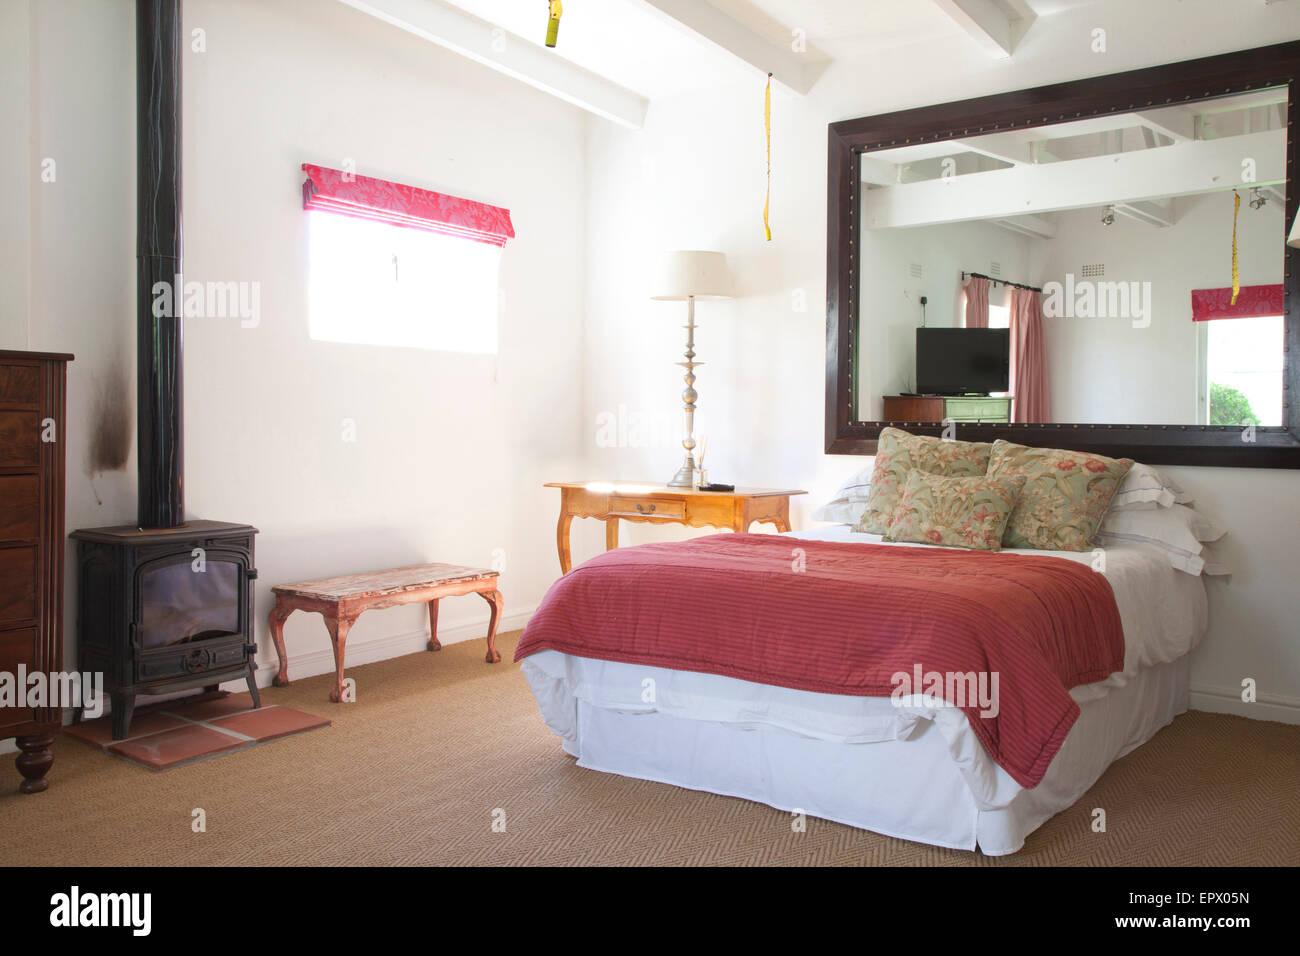 100+ [ schlafzimmer mit teppichboden ] | stunning schlafzimmer, Schlafzimmer entwurf